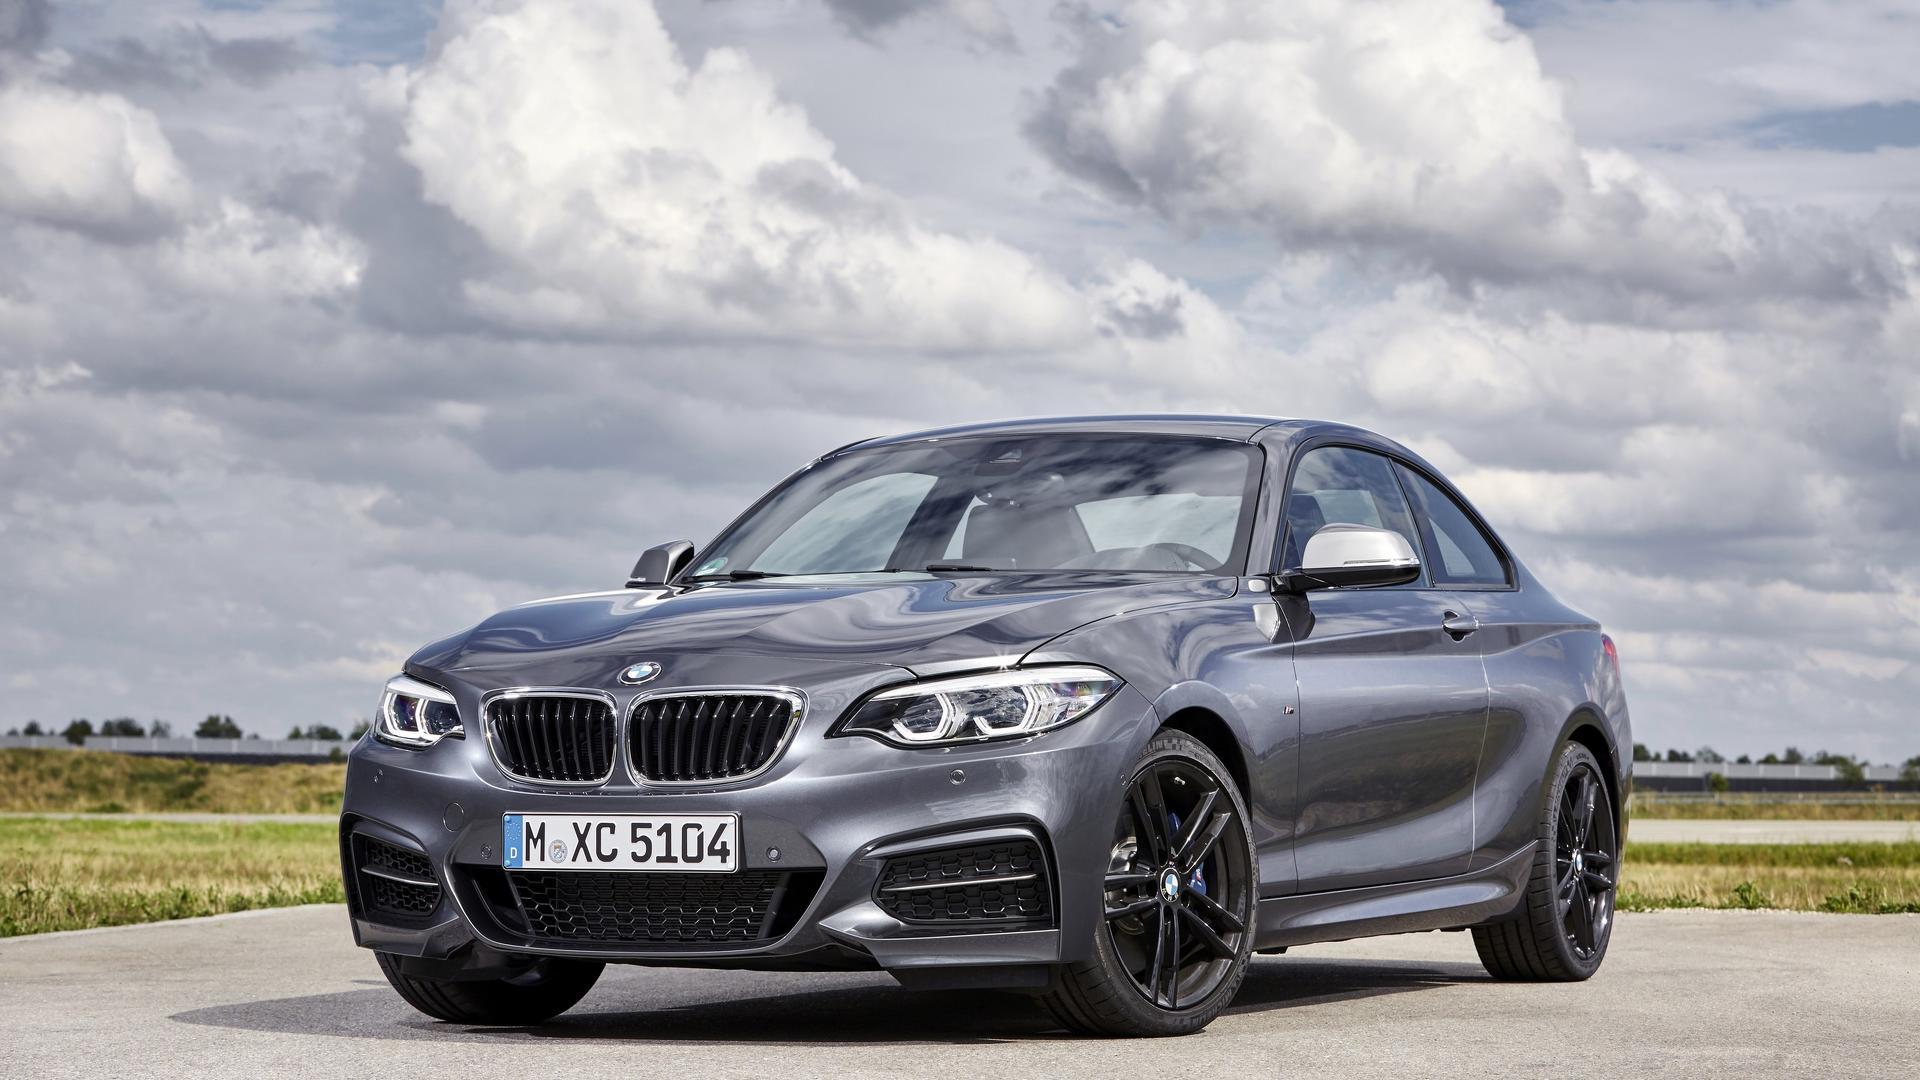 2020 BMW M240i Exterior